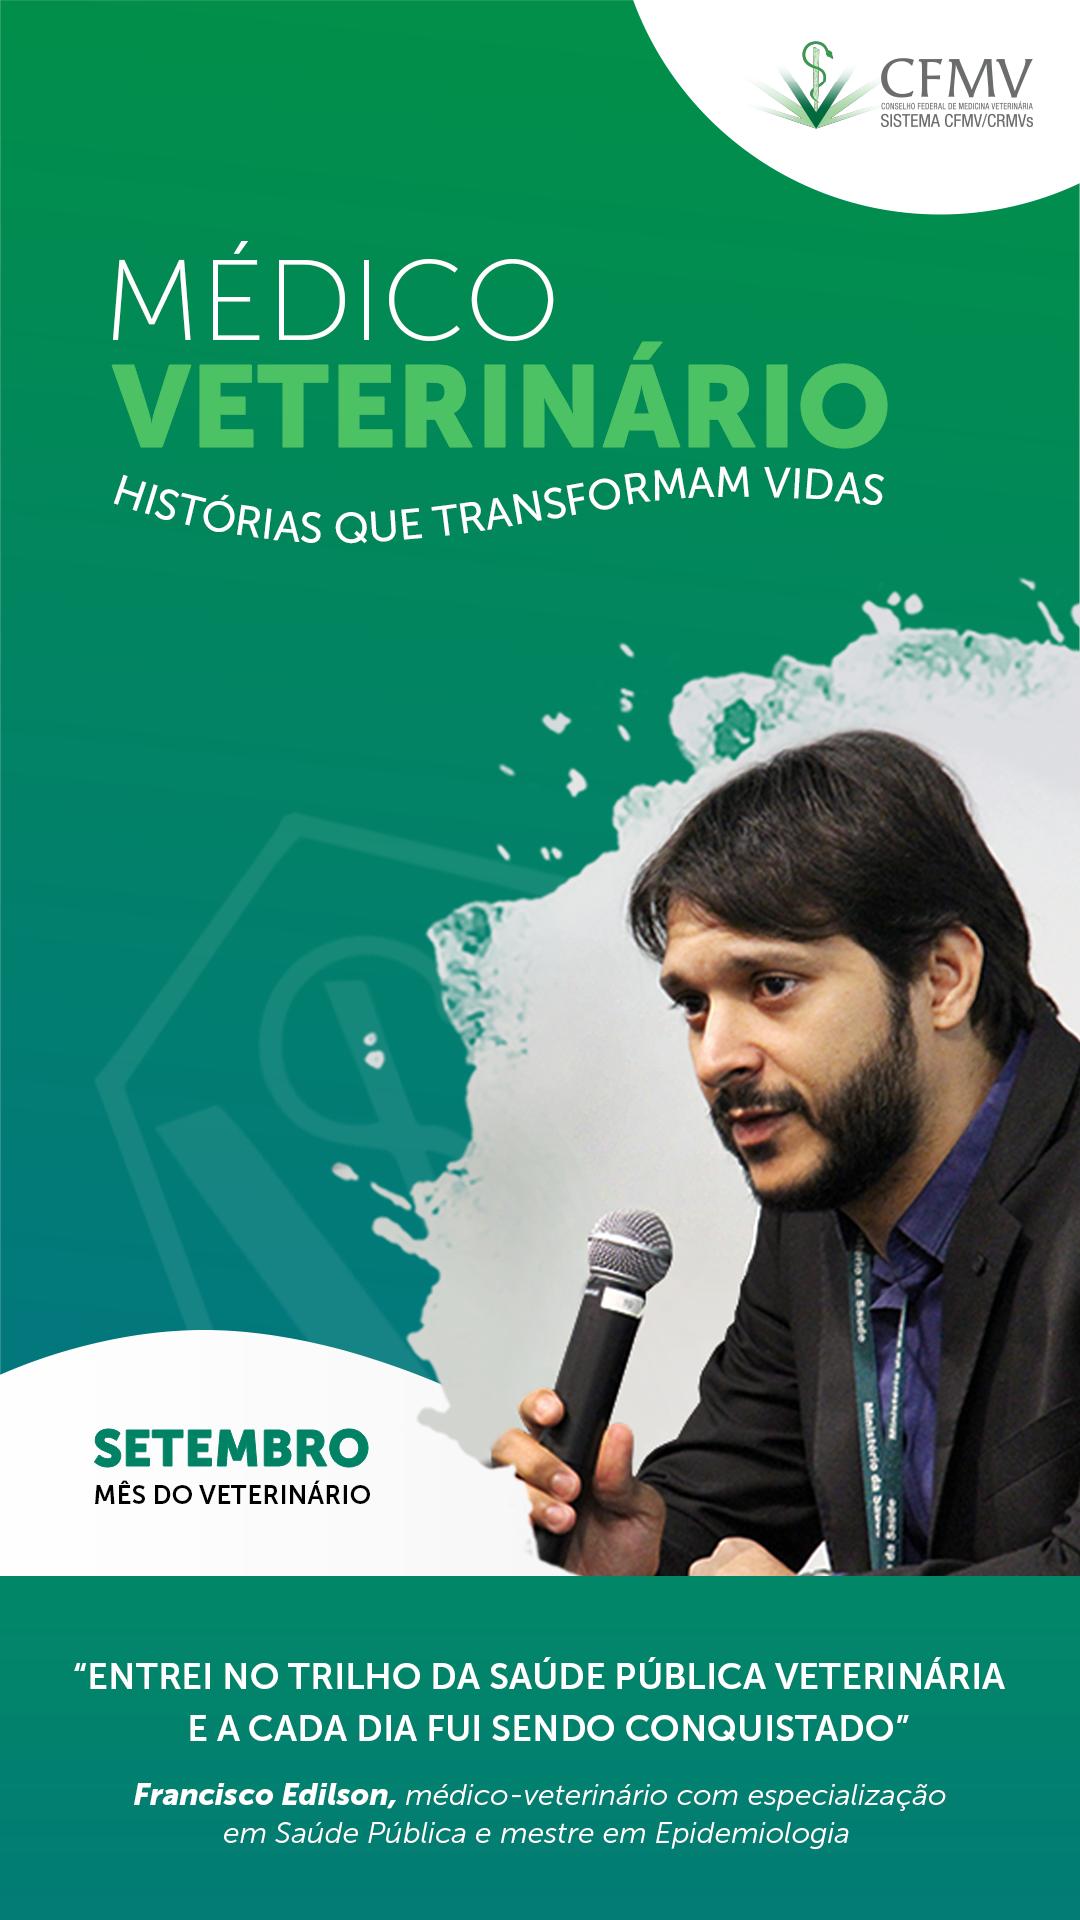 Case 01 - Francisco Edilson